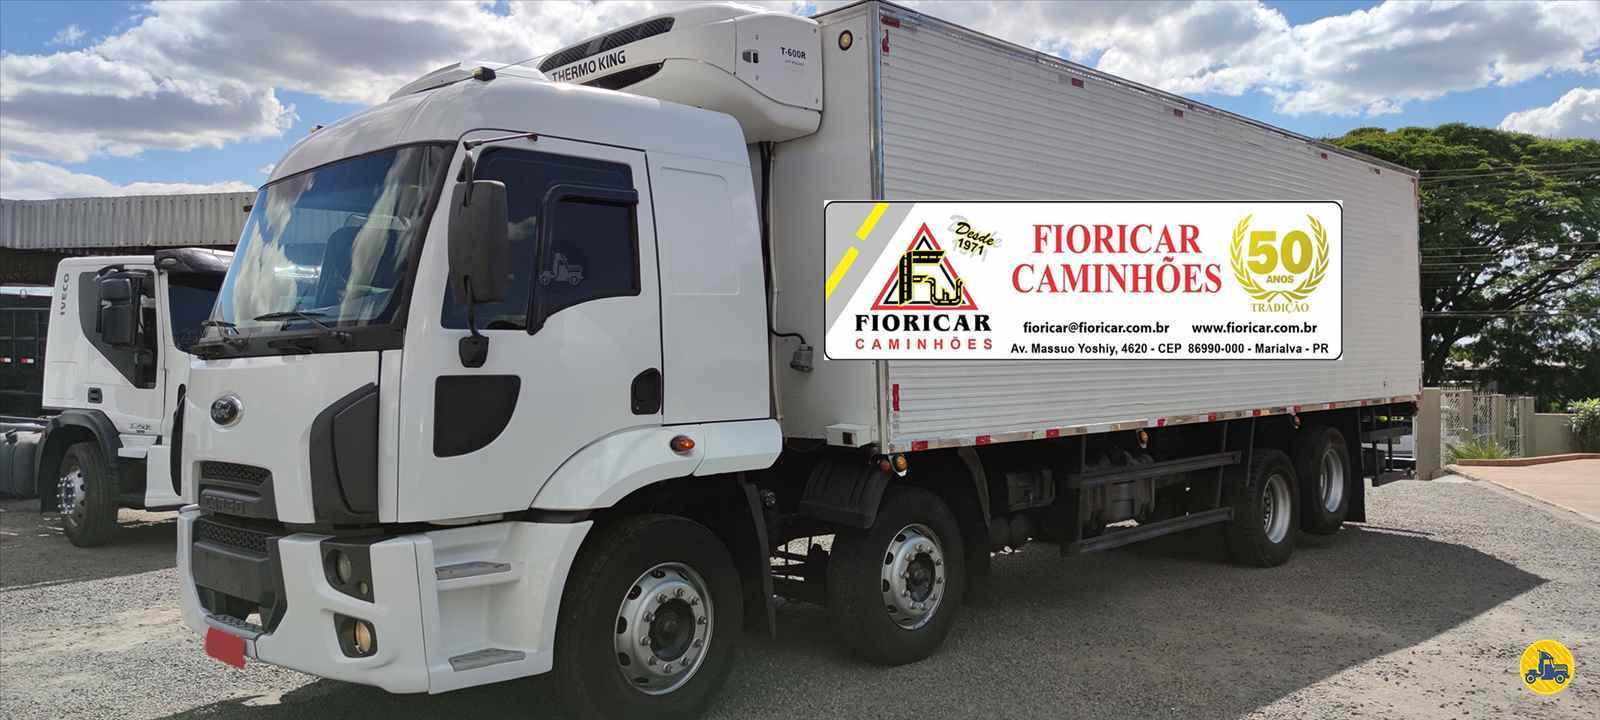 CAMINHAO FORD CARGO 2428 Baú Frigorífico BiTruck 8x2 Fioricar Caminhões MARIALVA PARANÁ PR